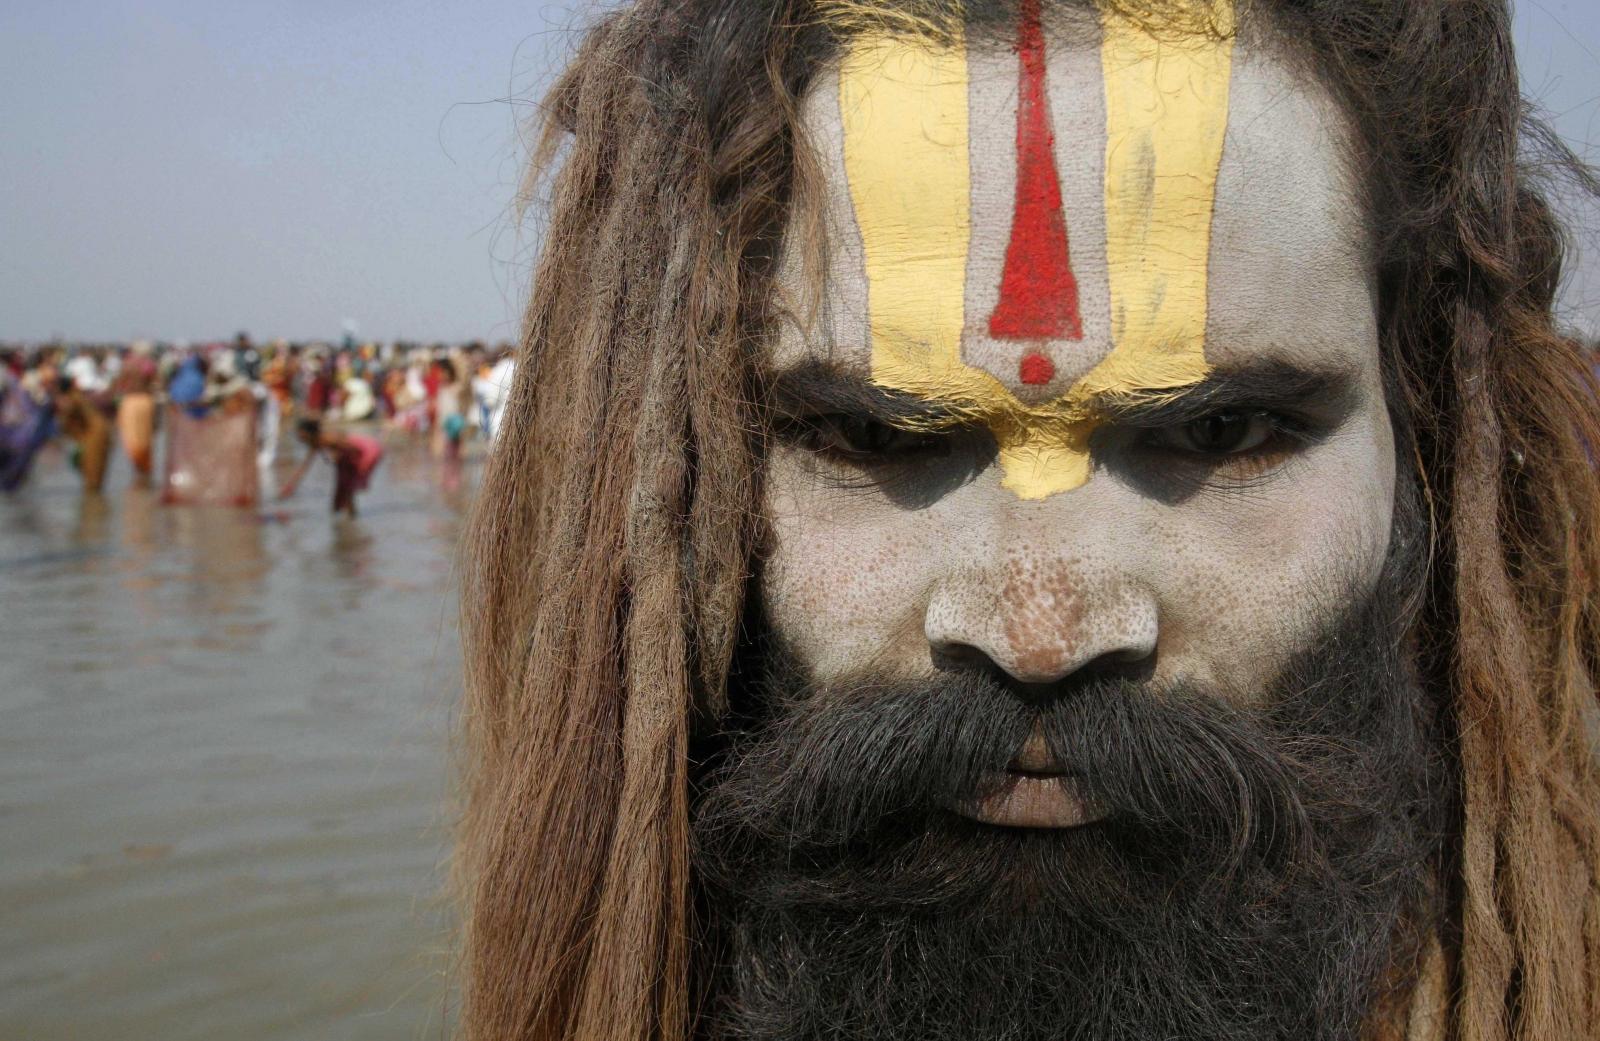 India religion census